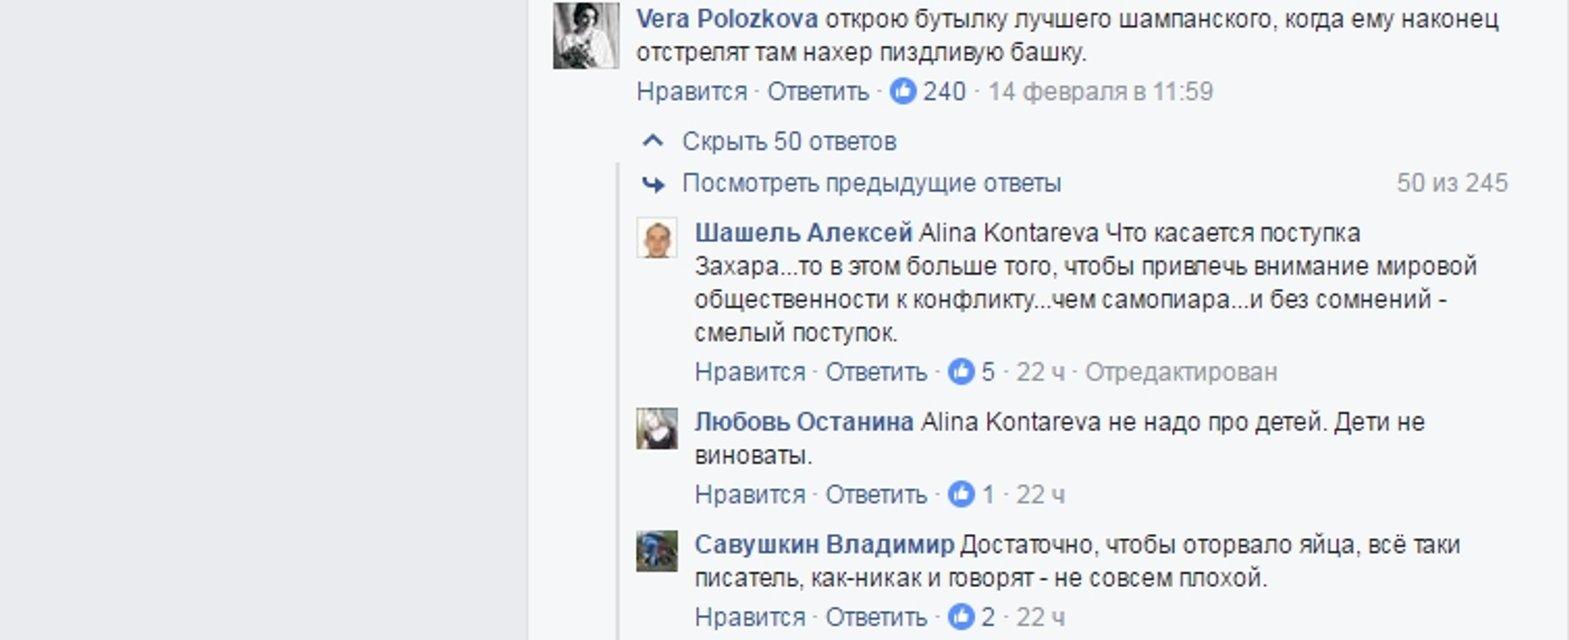 Российскую поэтессу хотят лишить гражданства из-за Прилепина и Донбасса - фото 34679